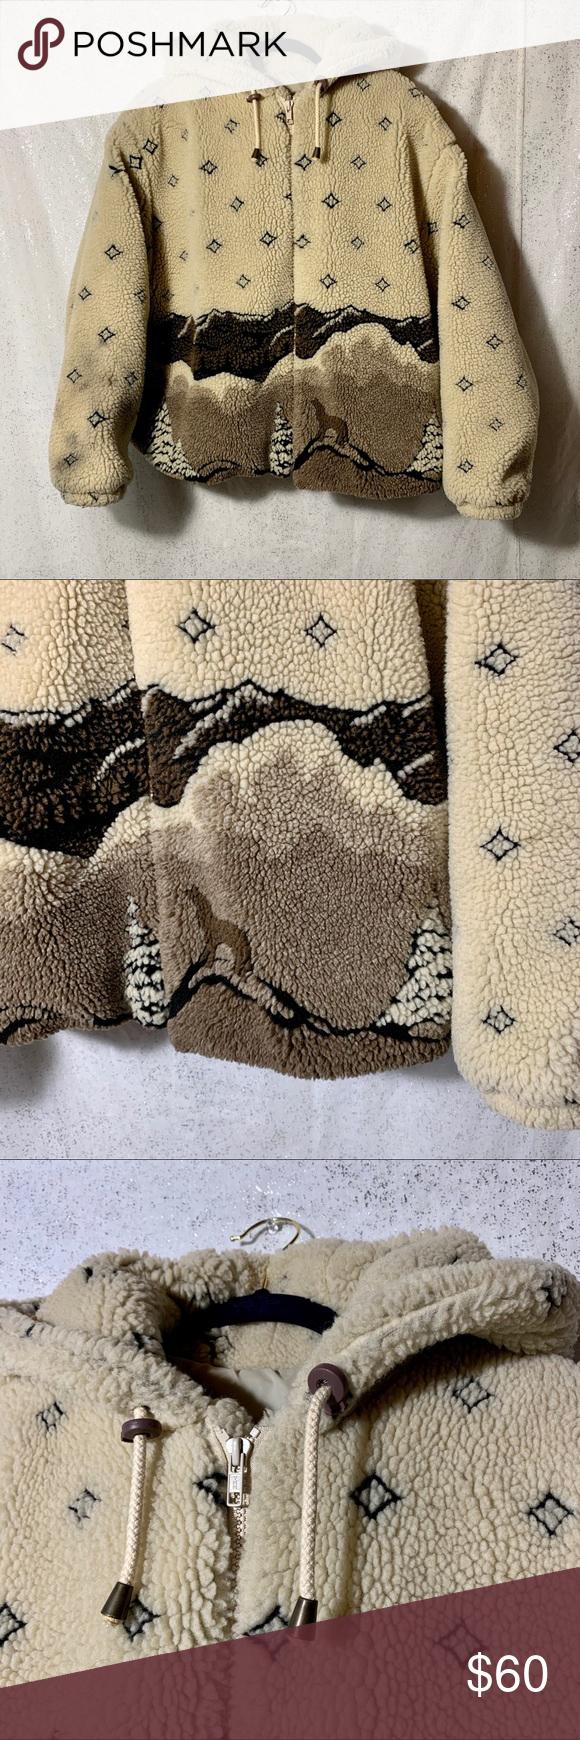 Izzi Outerwear Vintage Fleece Teddy Bear Jacket Bear Jacket Teddy Bear Jacket Outerwear [ 1740 x 580 Pixel ]